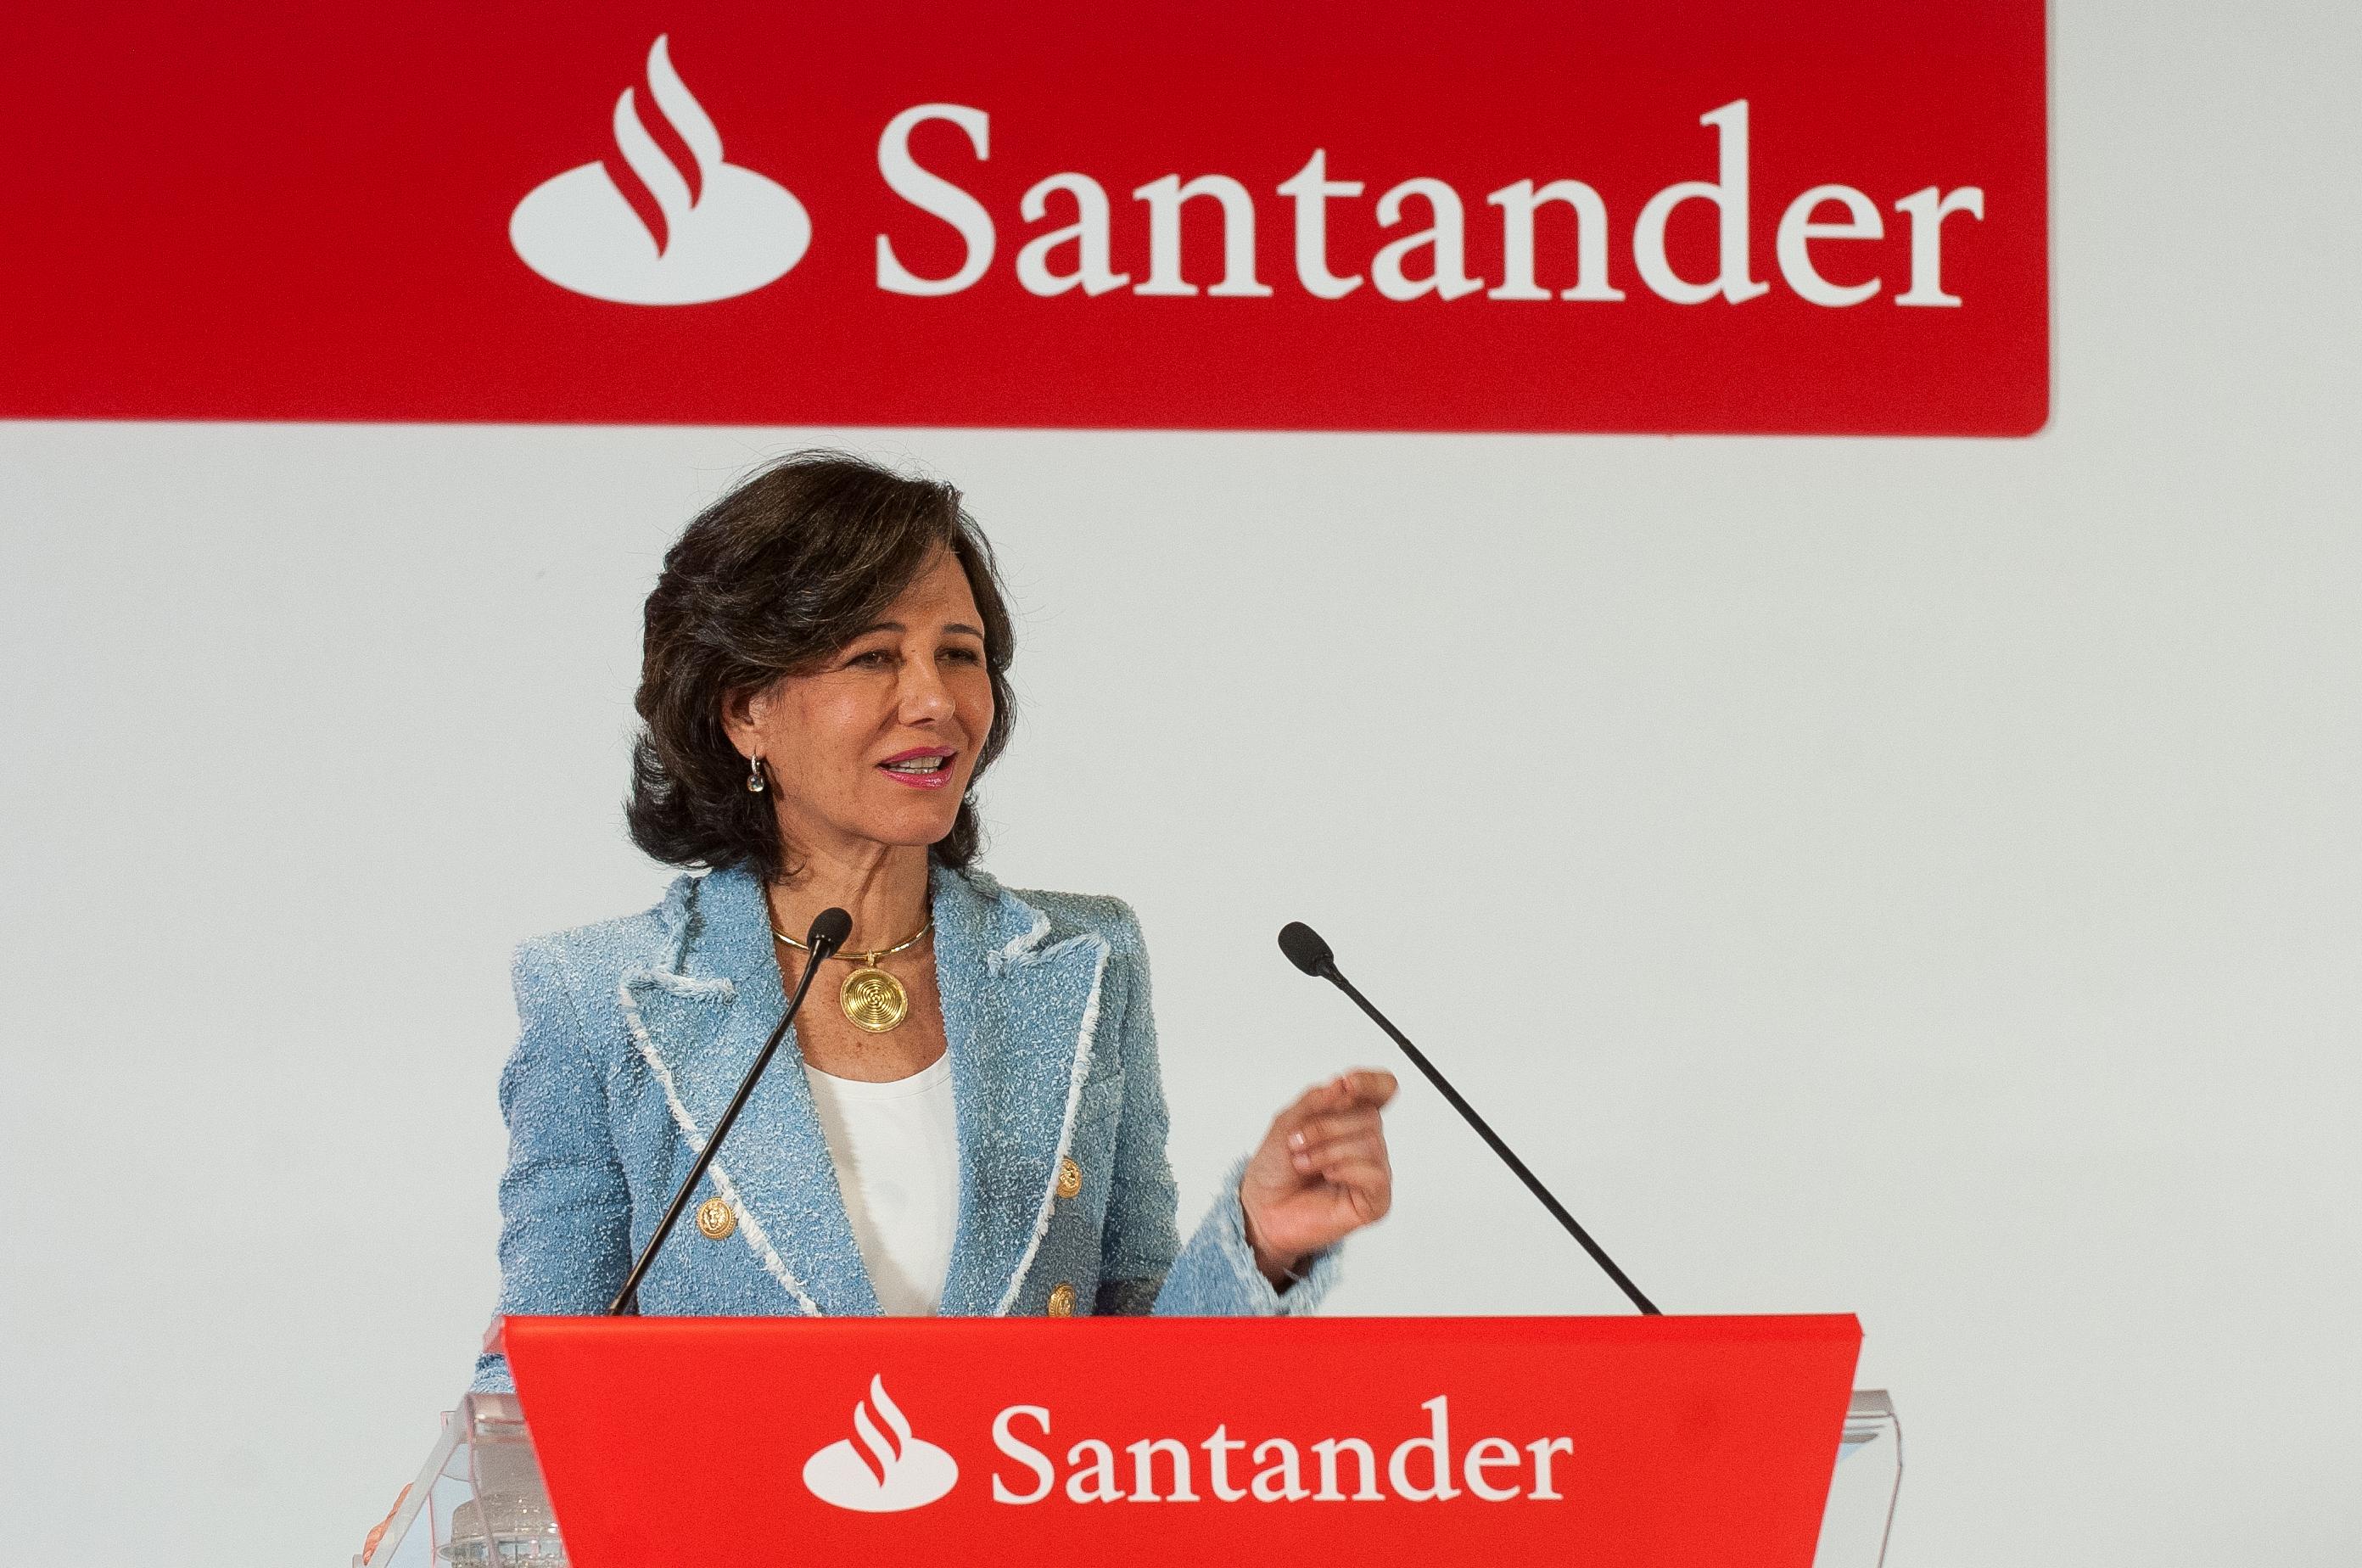 Banco Santander lanzará una app de pagos internacionales inmediatos con tecnología 'blockchain'